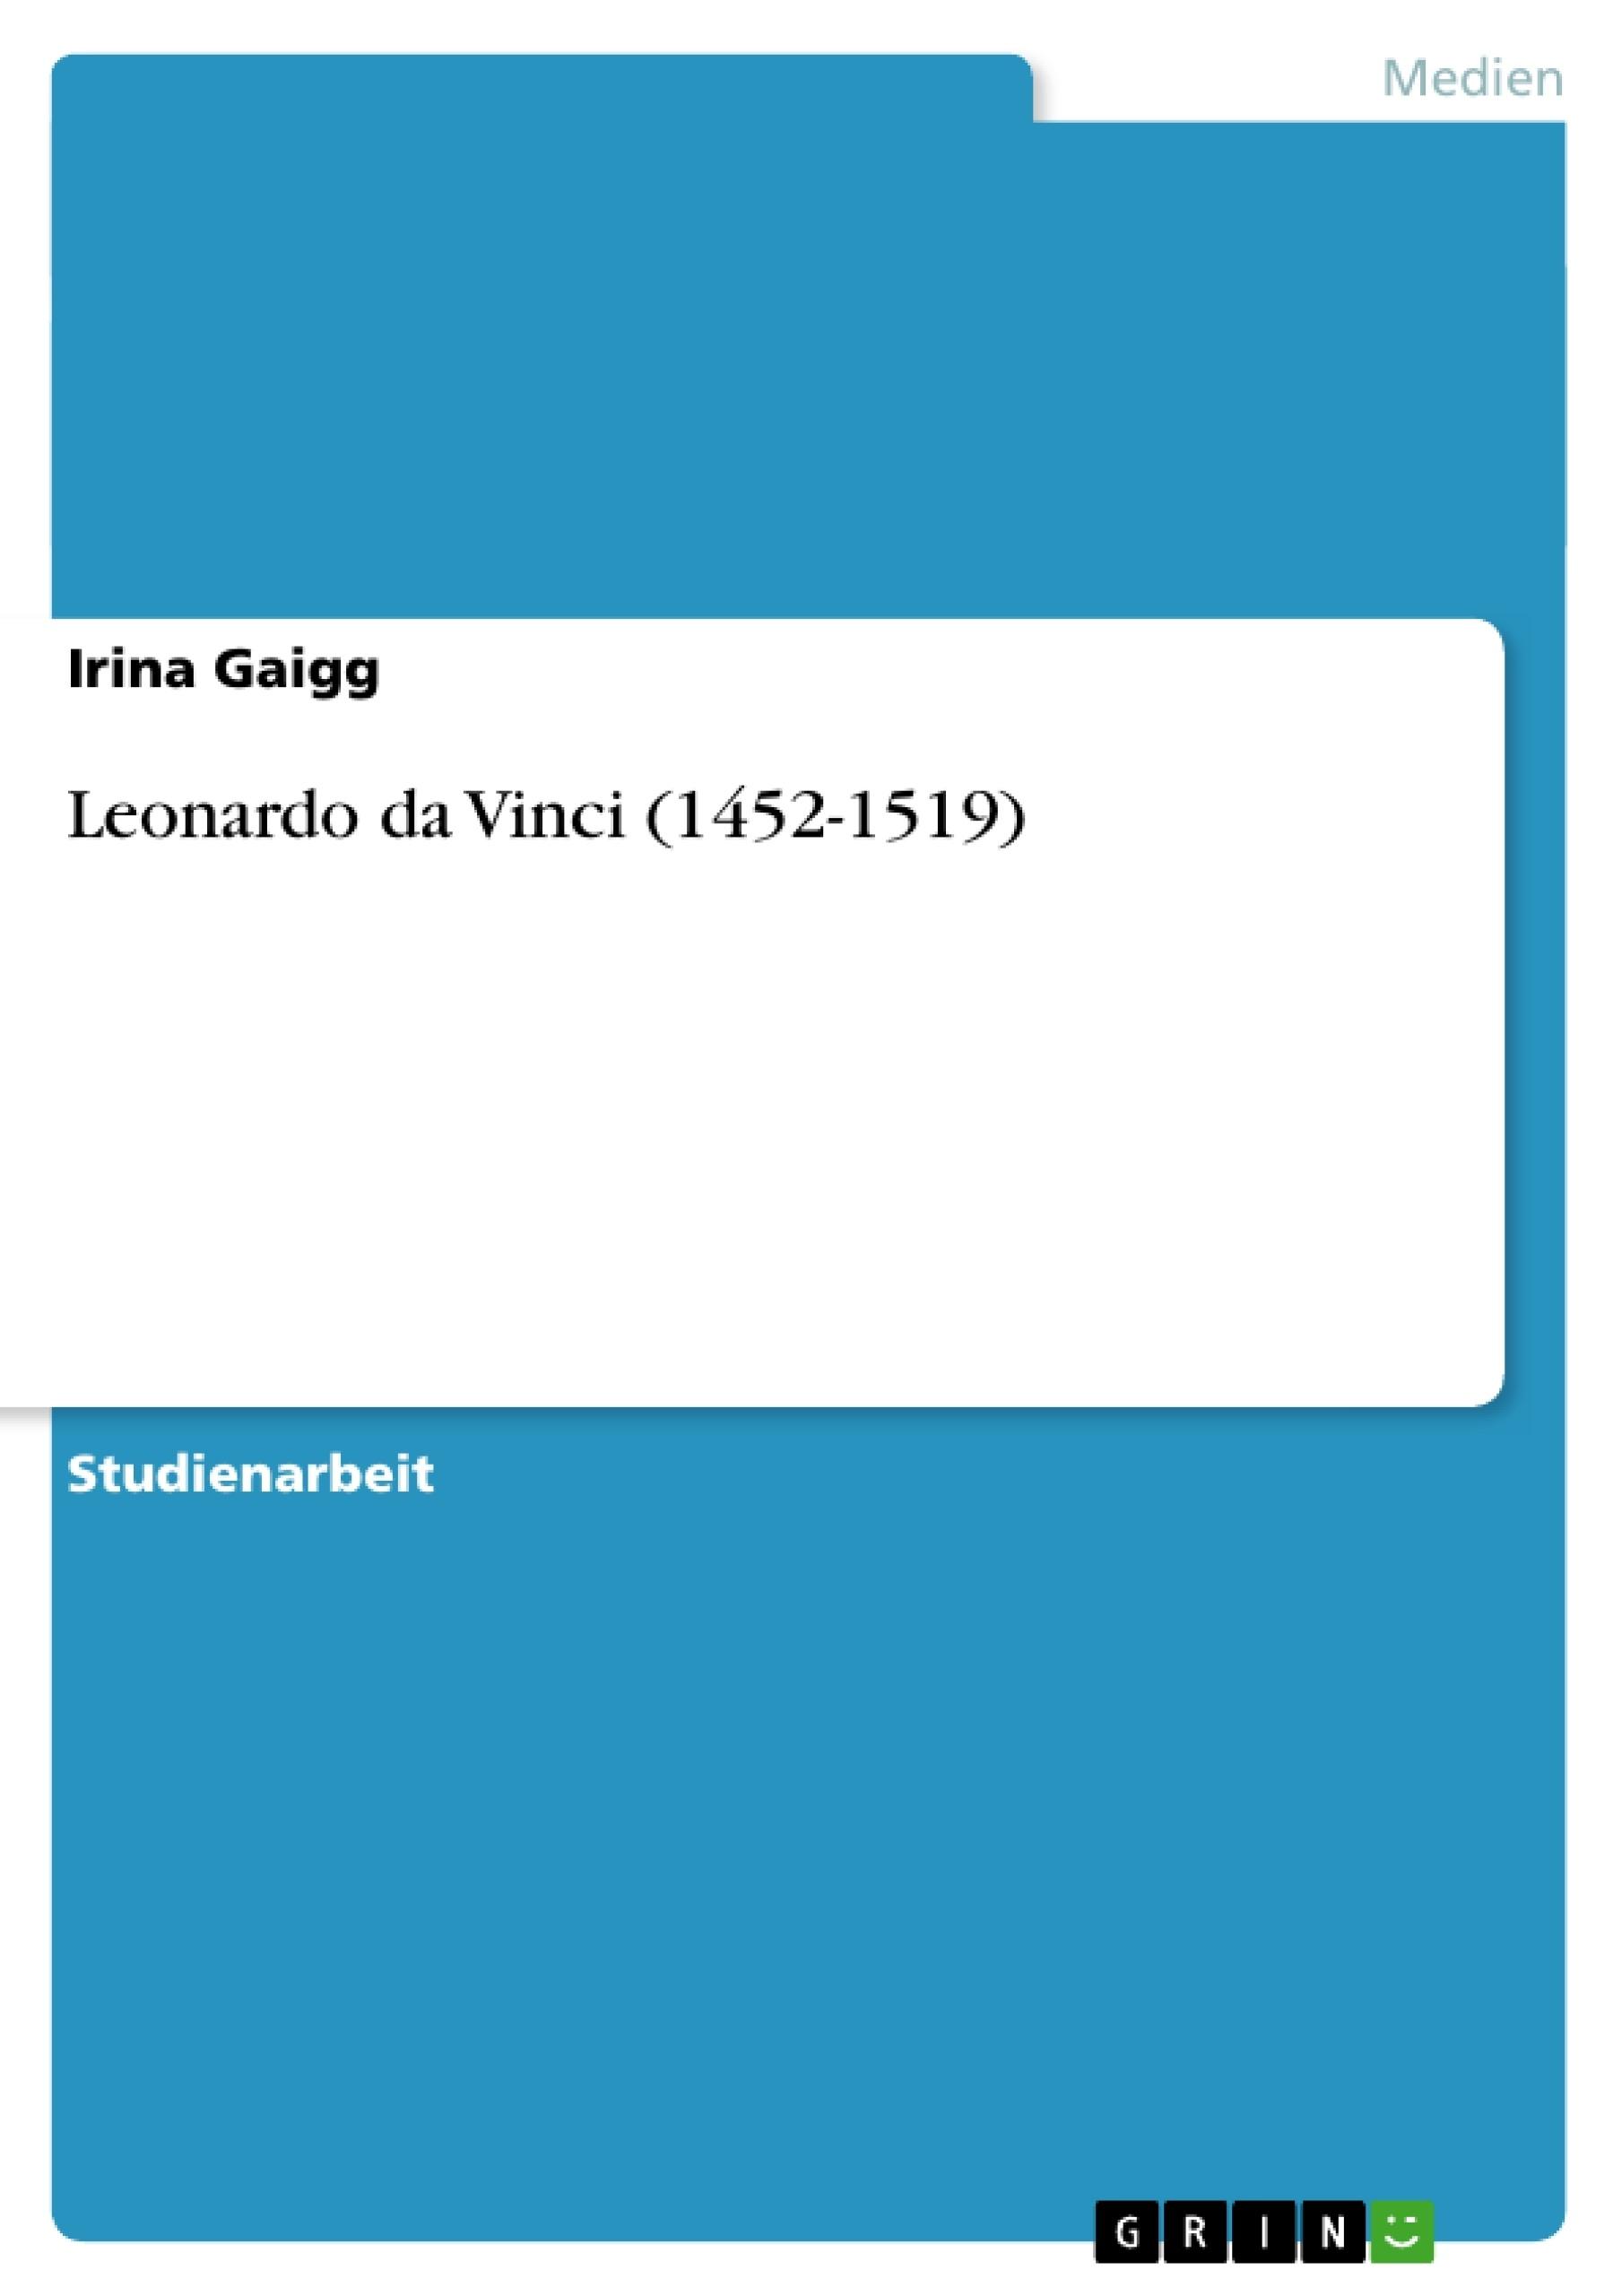 Titel: Leonardo da Vinci (1452-1519)